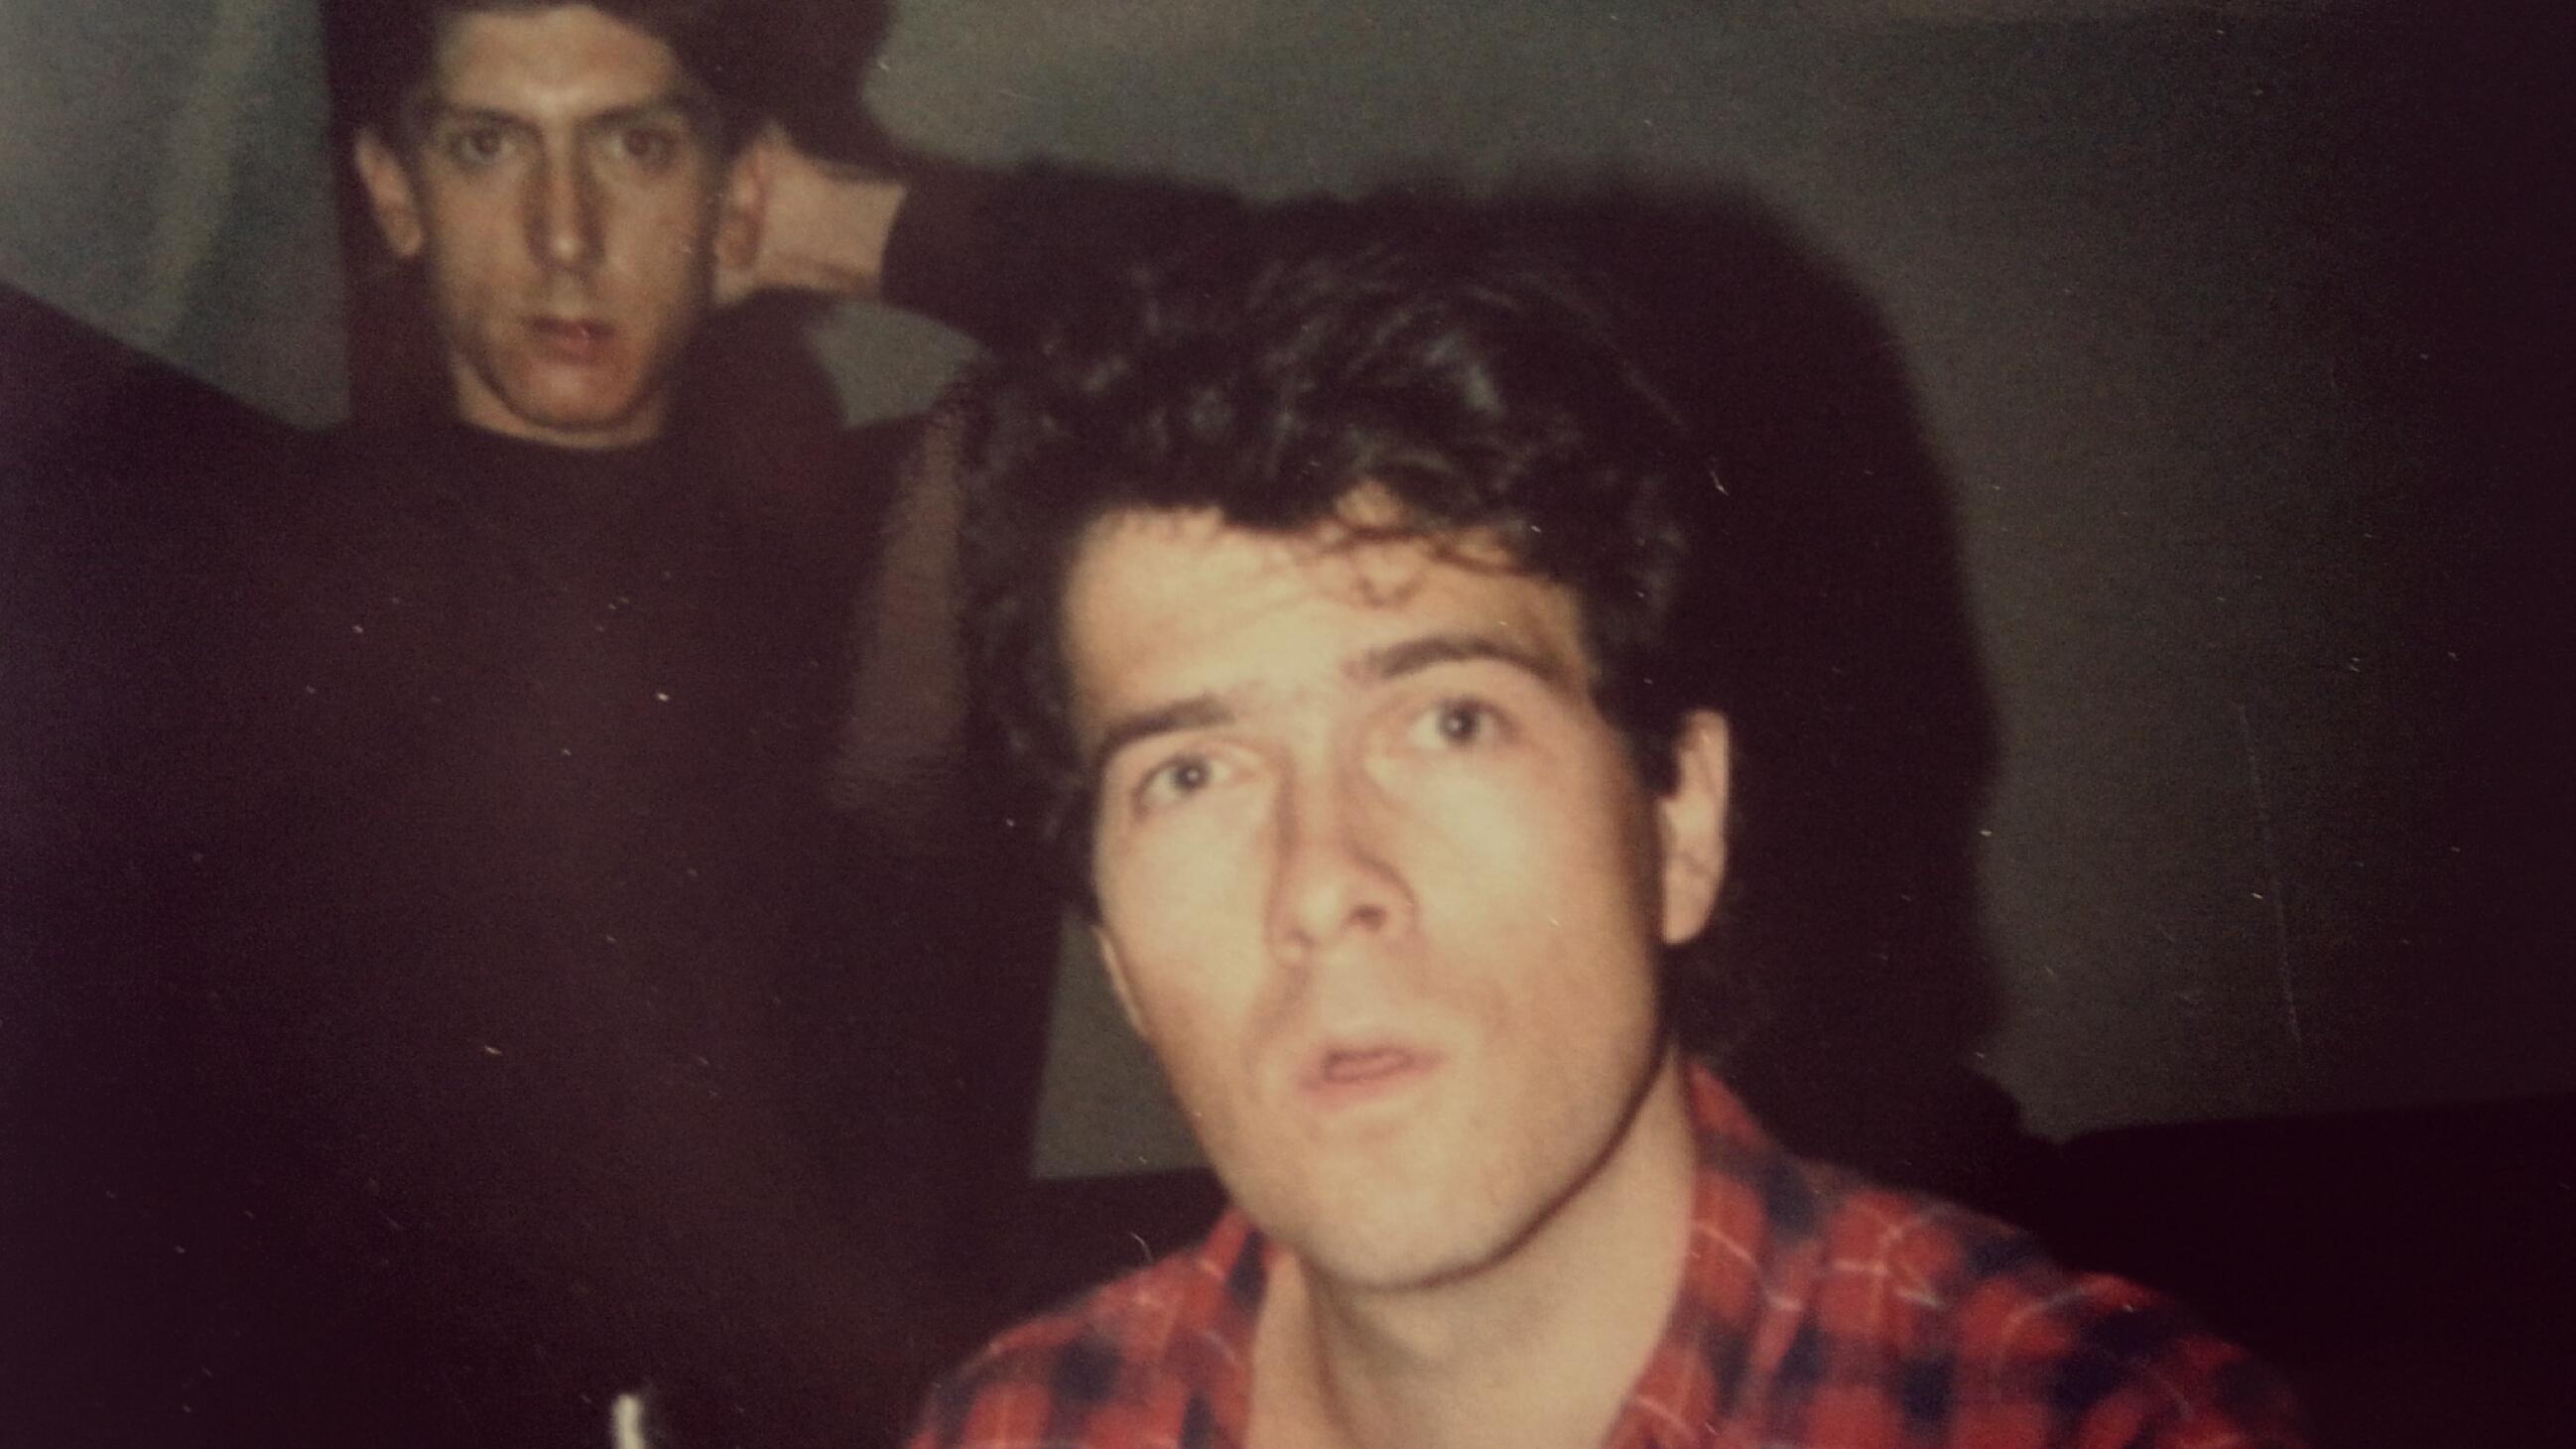 1987. από την ηχογράφηση του ομώνυμου τρίτου άλμπουμ των S.O.N.N. Ο Χρήστος Μανωλίτσης επί το έργο.